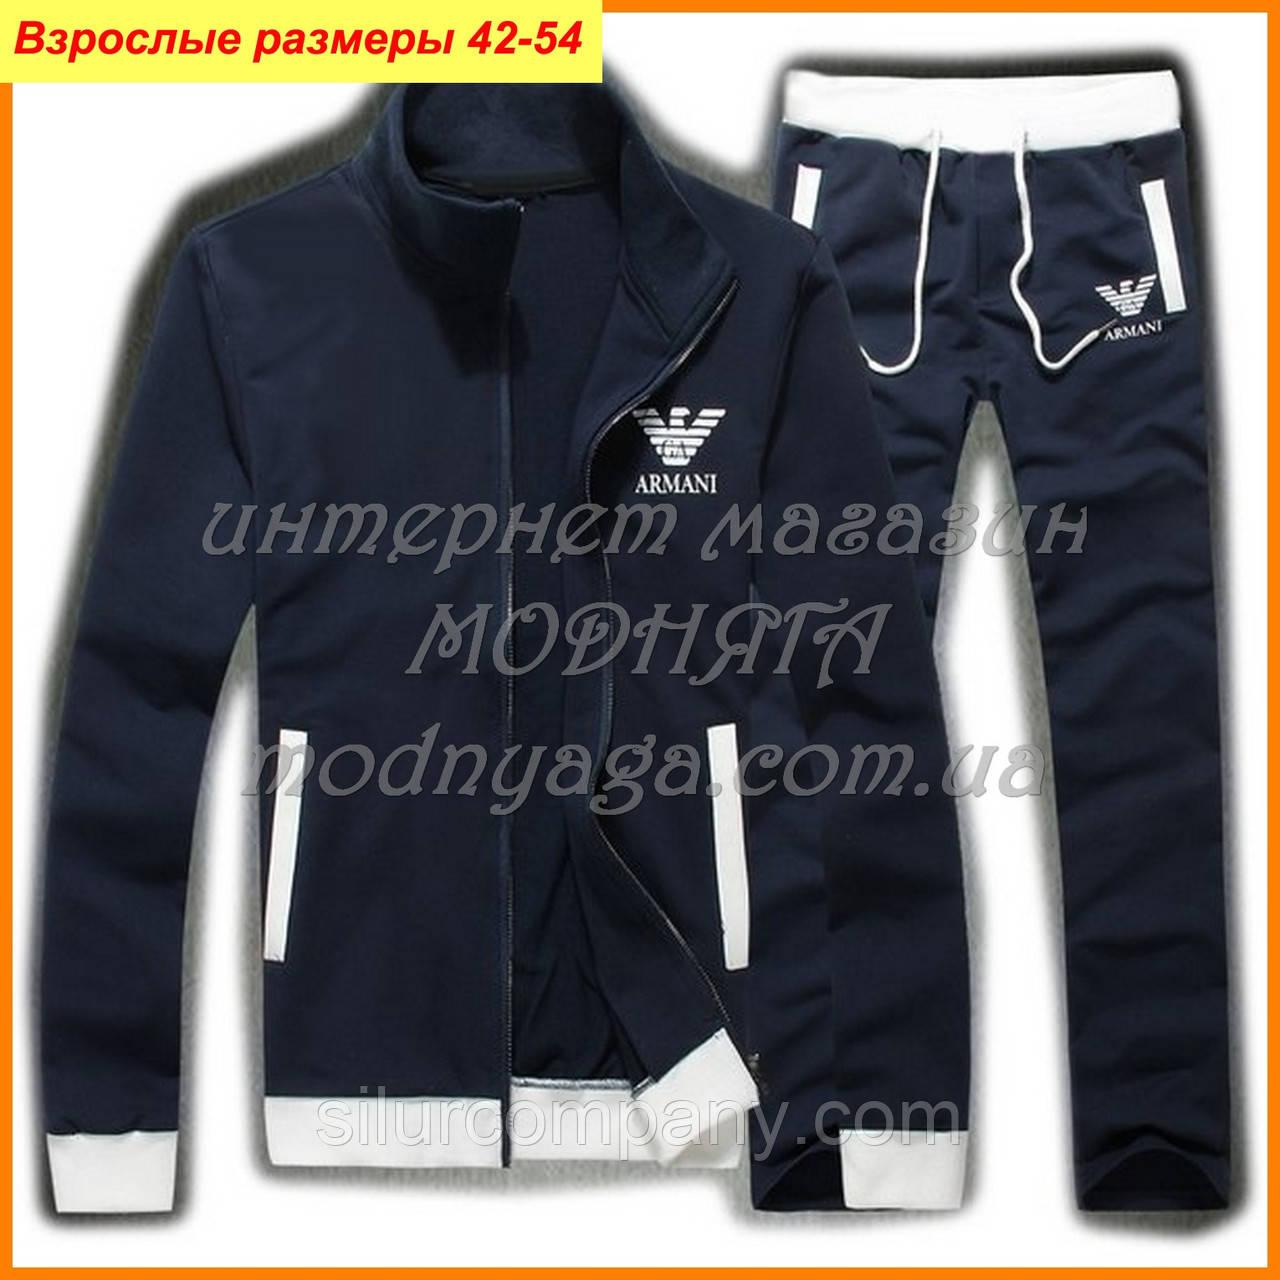 1304b9e3 Спортивные костюмы армани адидас найк - купить в Украине - Интернет магазин